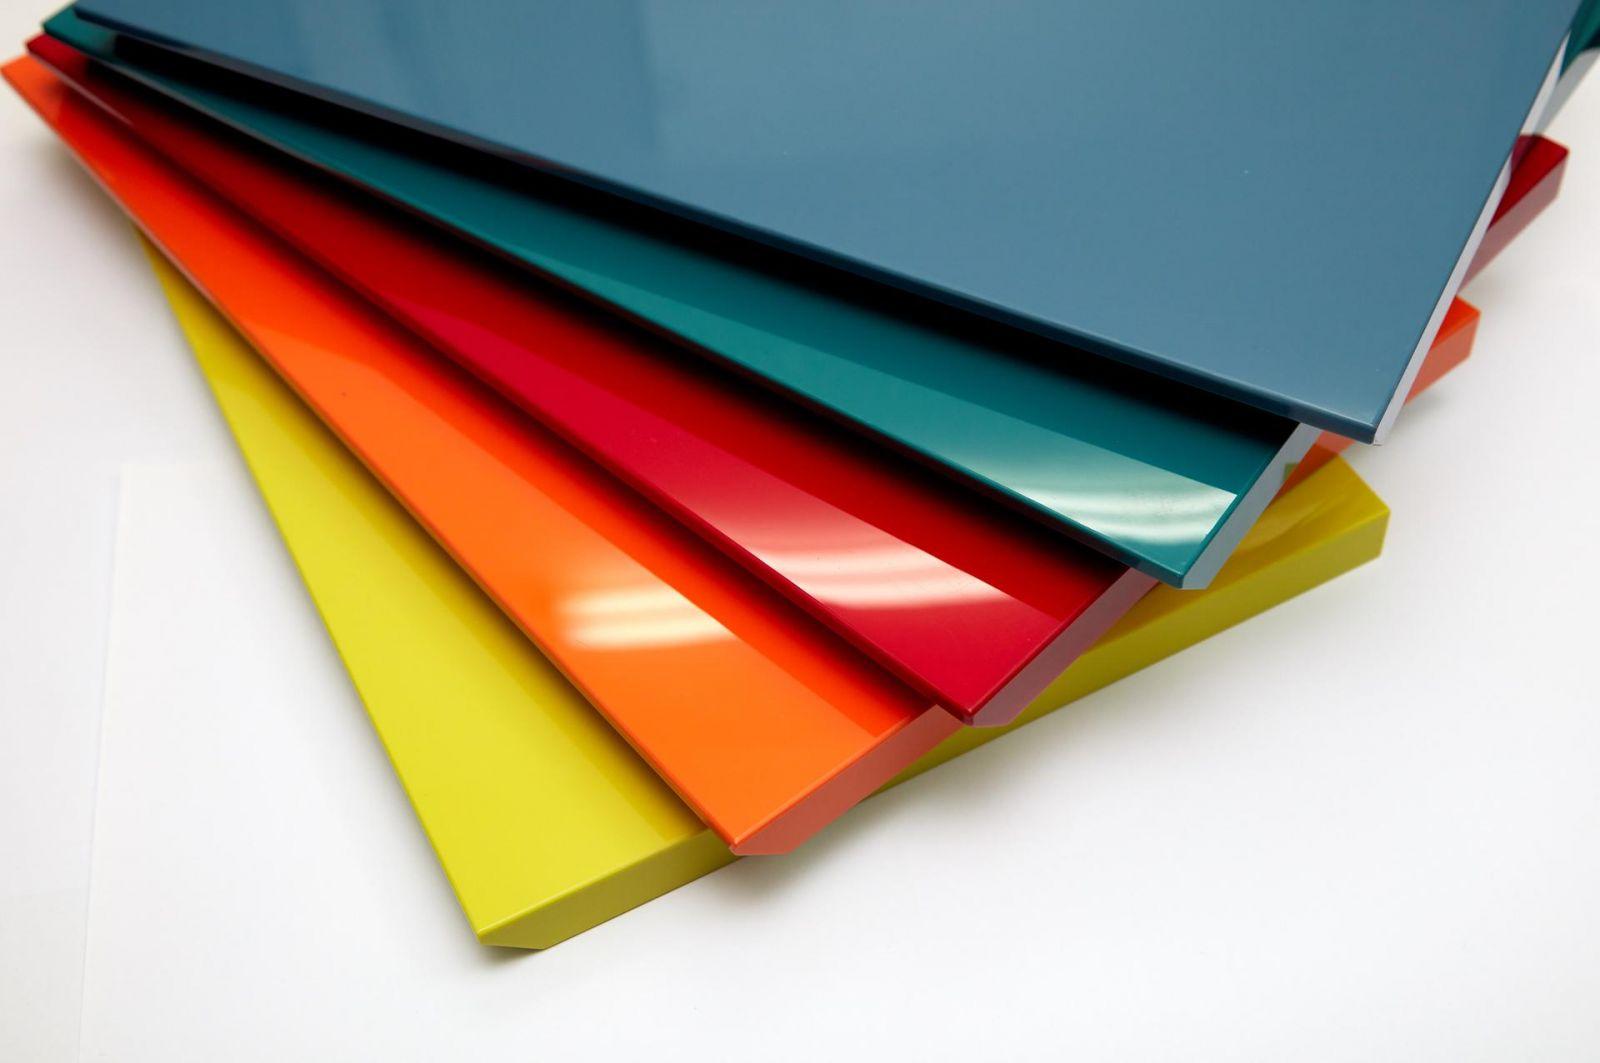 Màu Acrylic là gì? Toàn bộ kiến thức về màu Acrylic